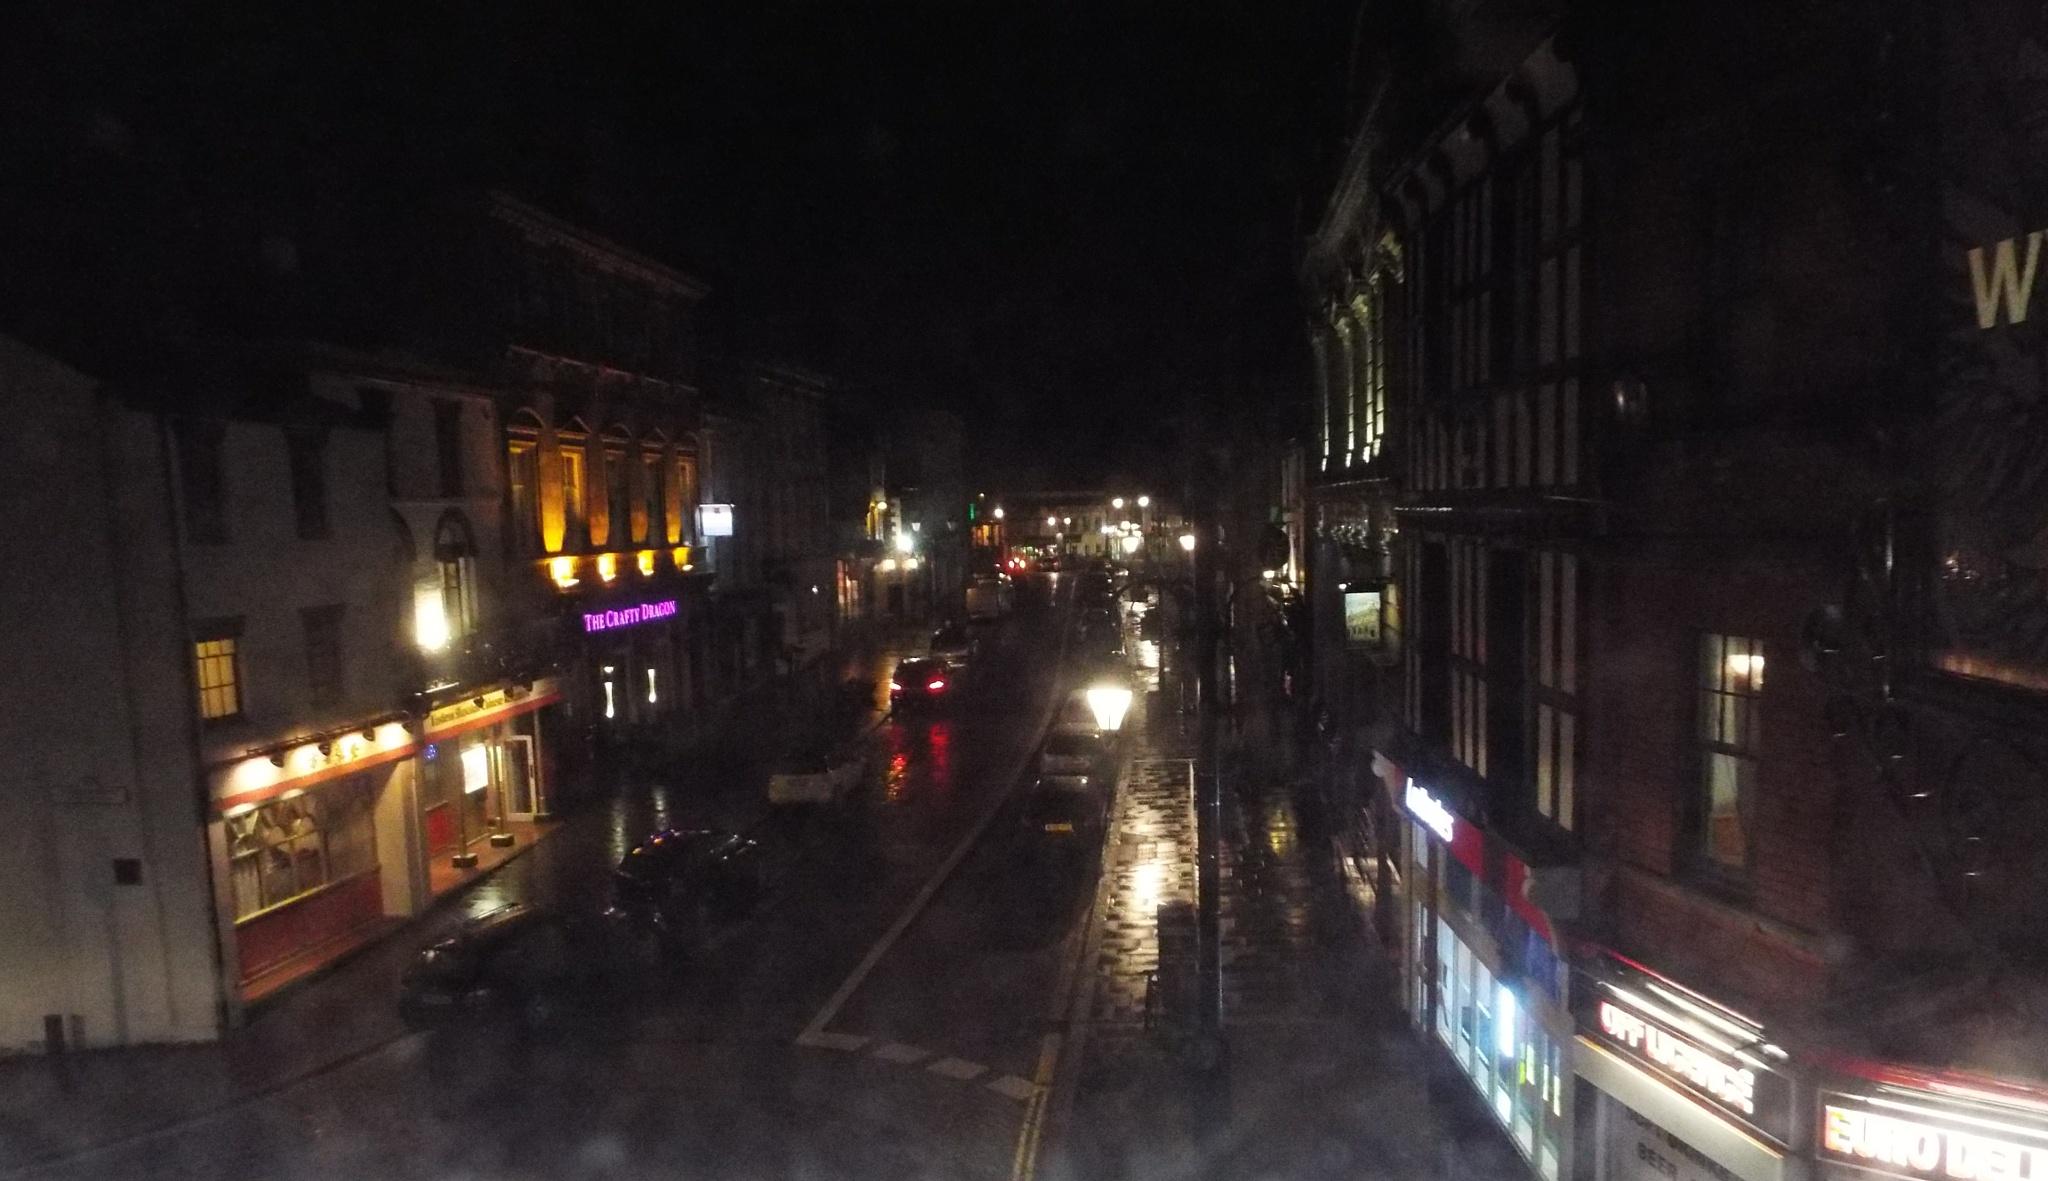 Wrexham High Street by julie